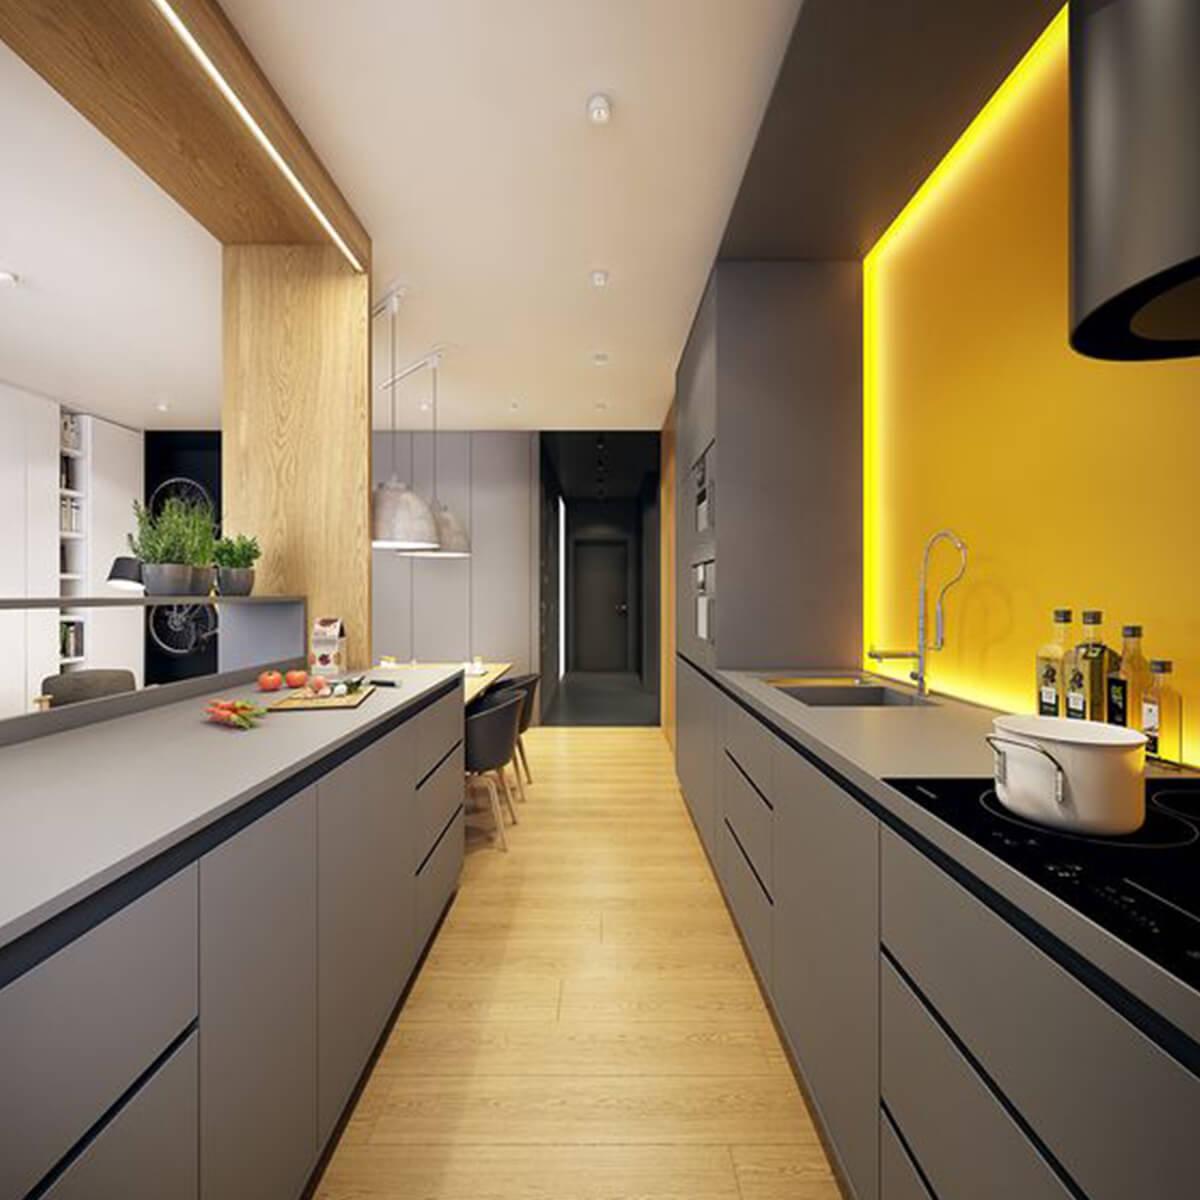 cucina moderna giallo e nero